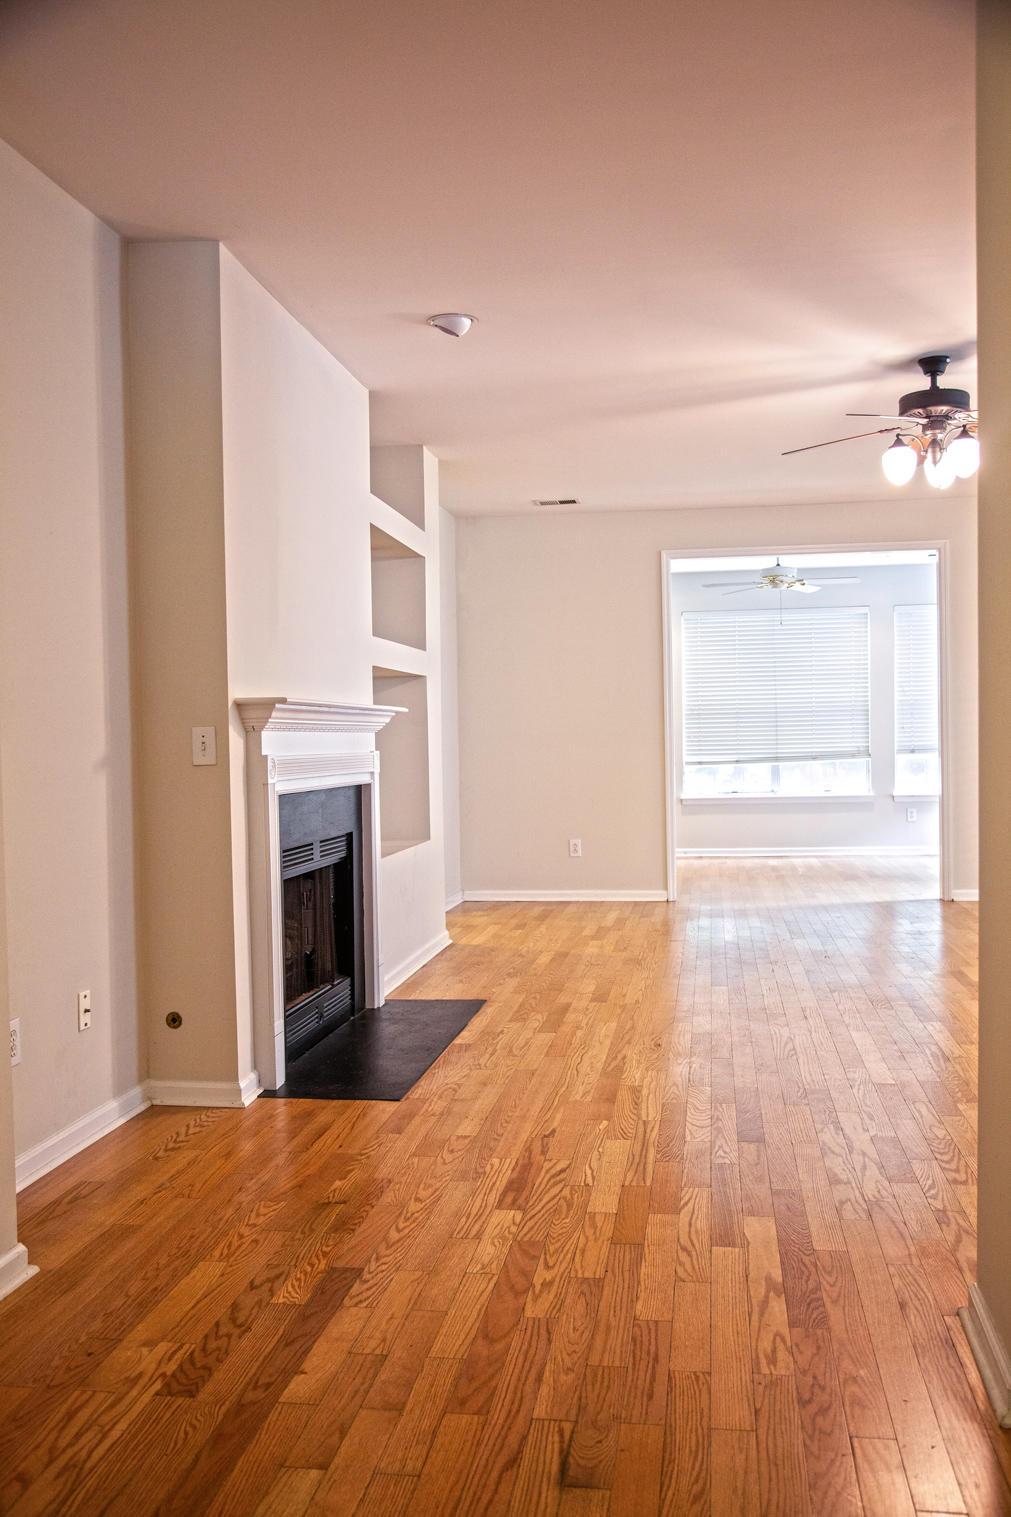 Park West Homes For Sale - 3190 John Bartram Place, Mount Pleasant, SC - 7